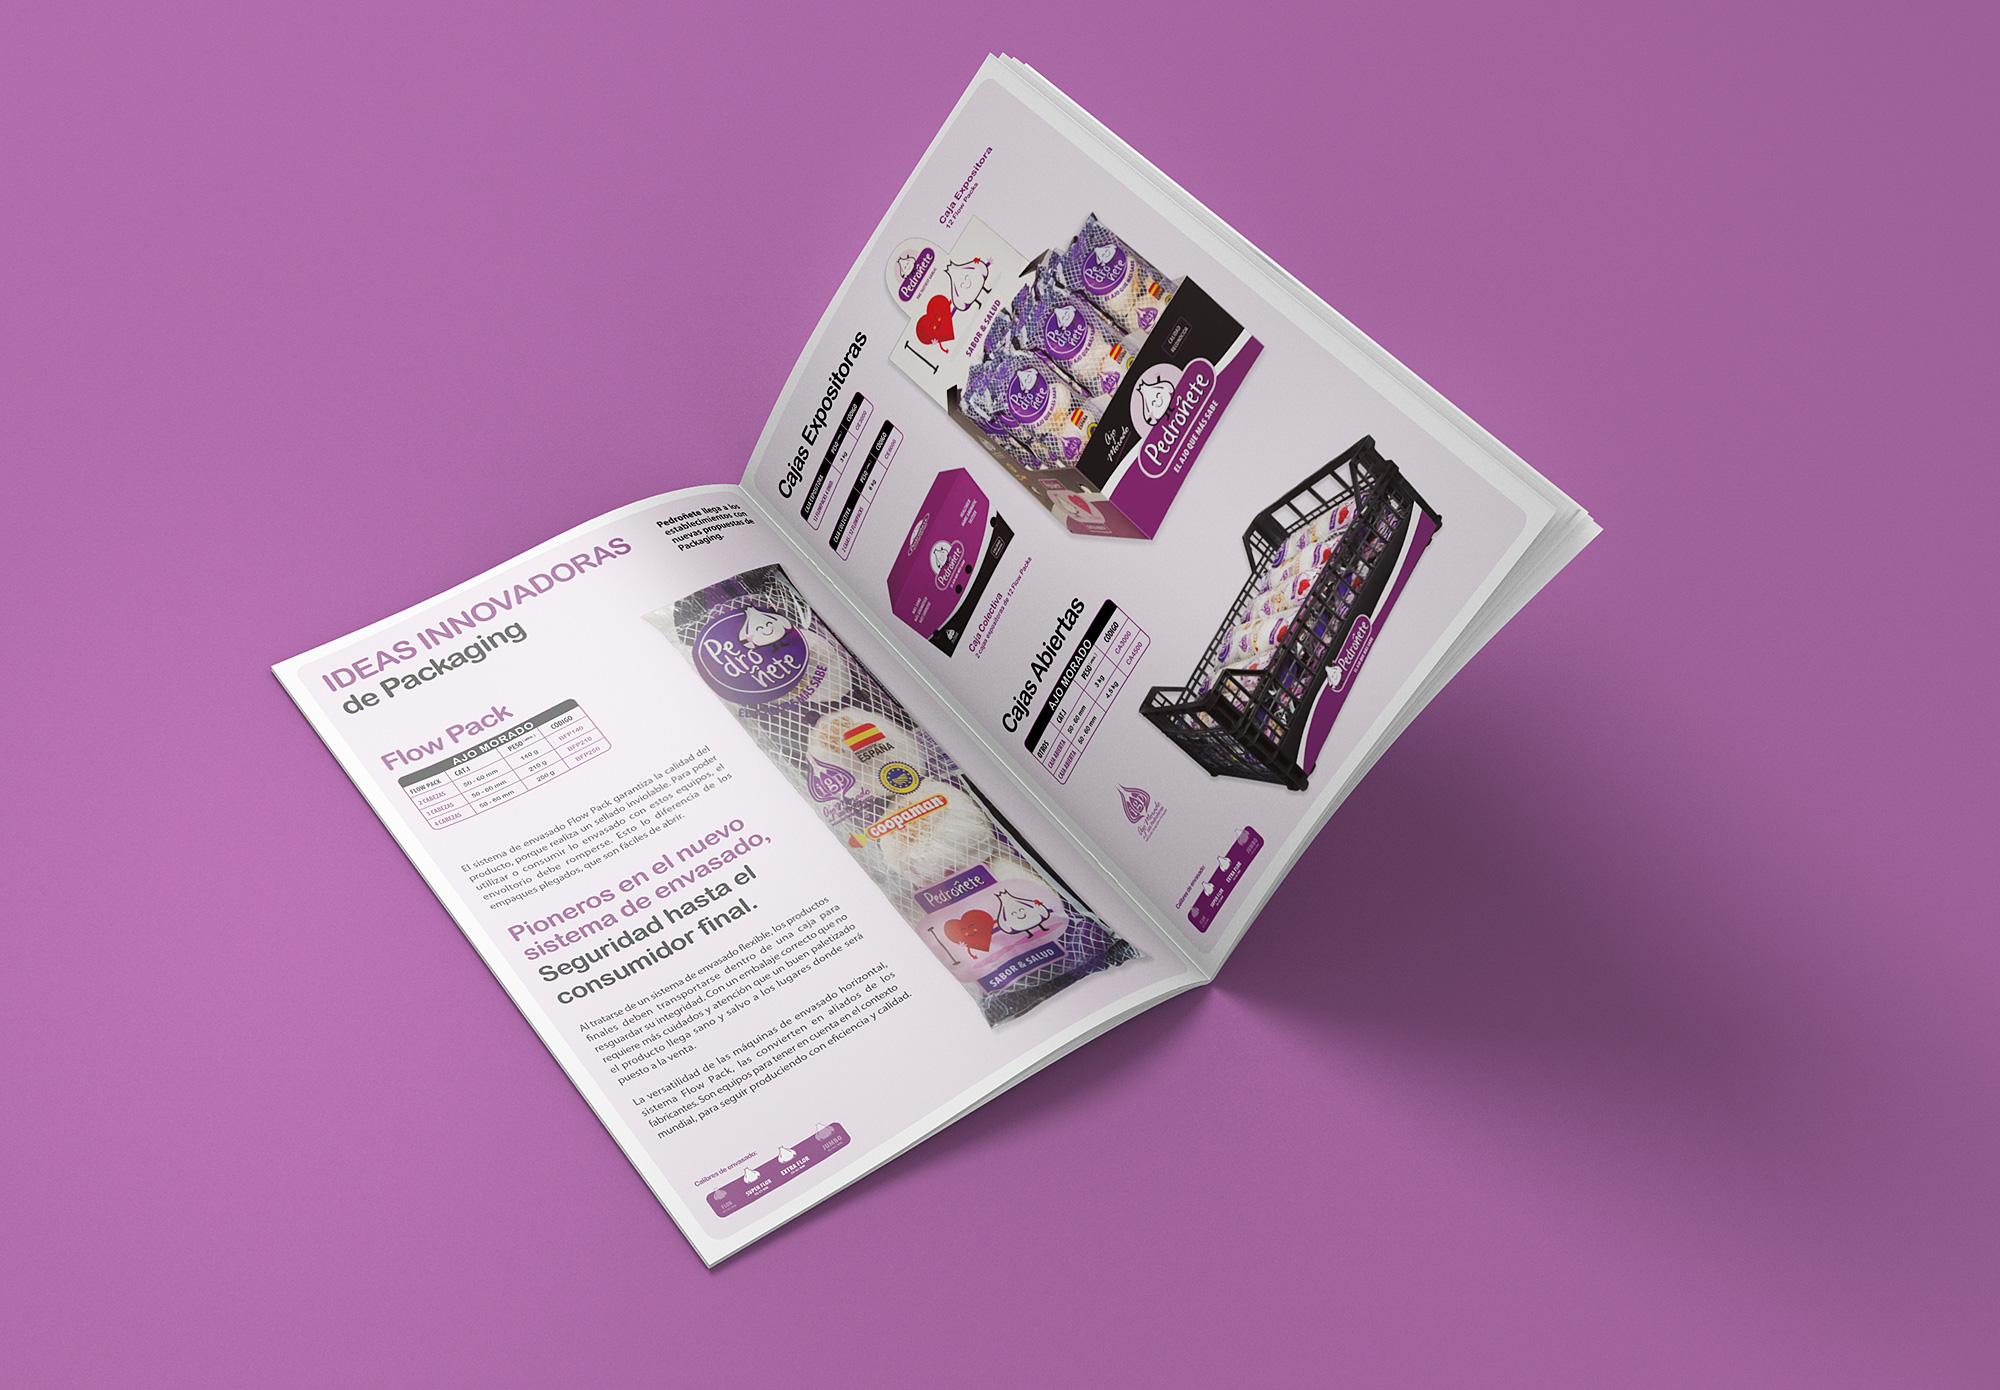 Diseño grafico Albacete, imprenta Albacete y fotografia publicitaria, diseño catalogo de productos varios idiomas Pedroñete